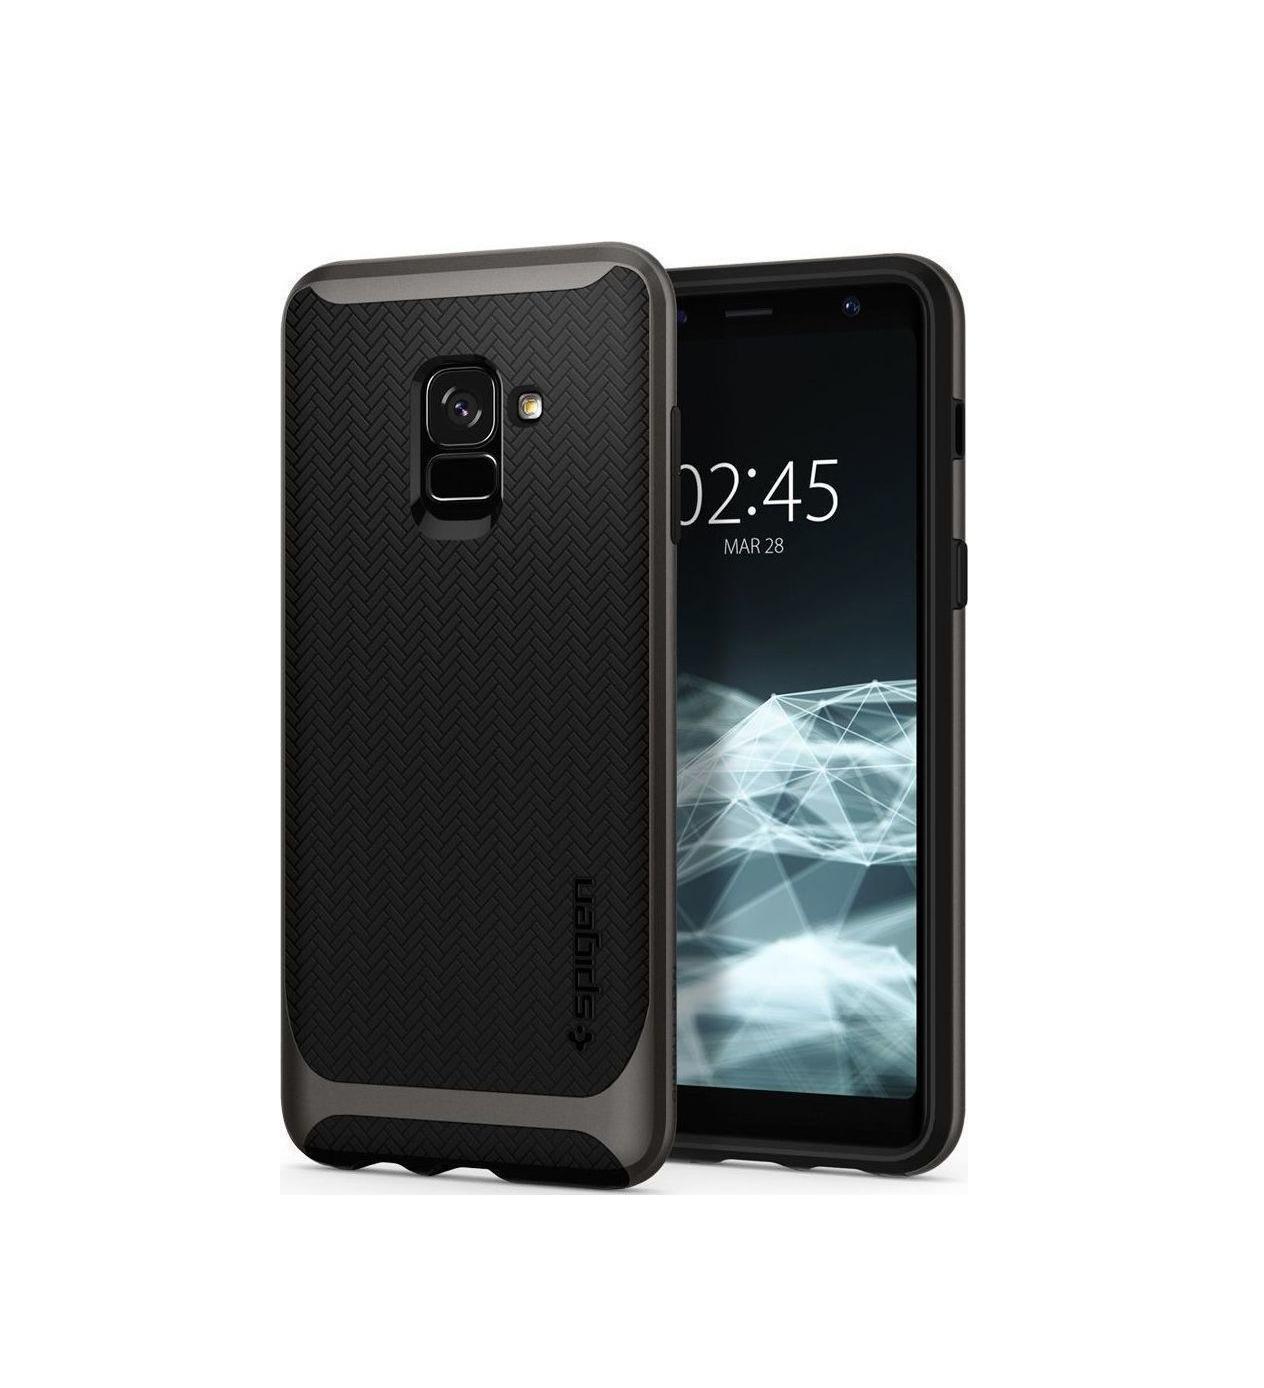 Θήκη Spigen Neo Hybrid για Samsung Galaxy A8 2018 A530 Gunmetal